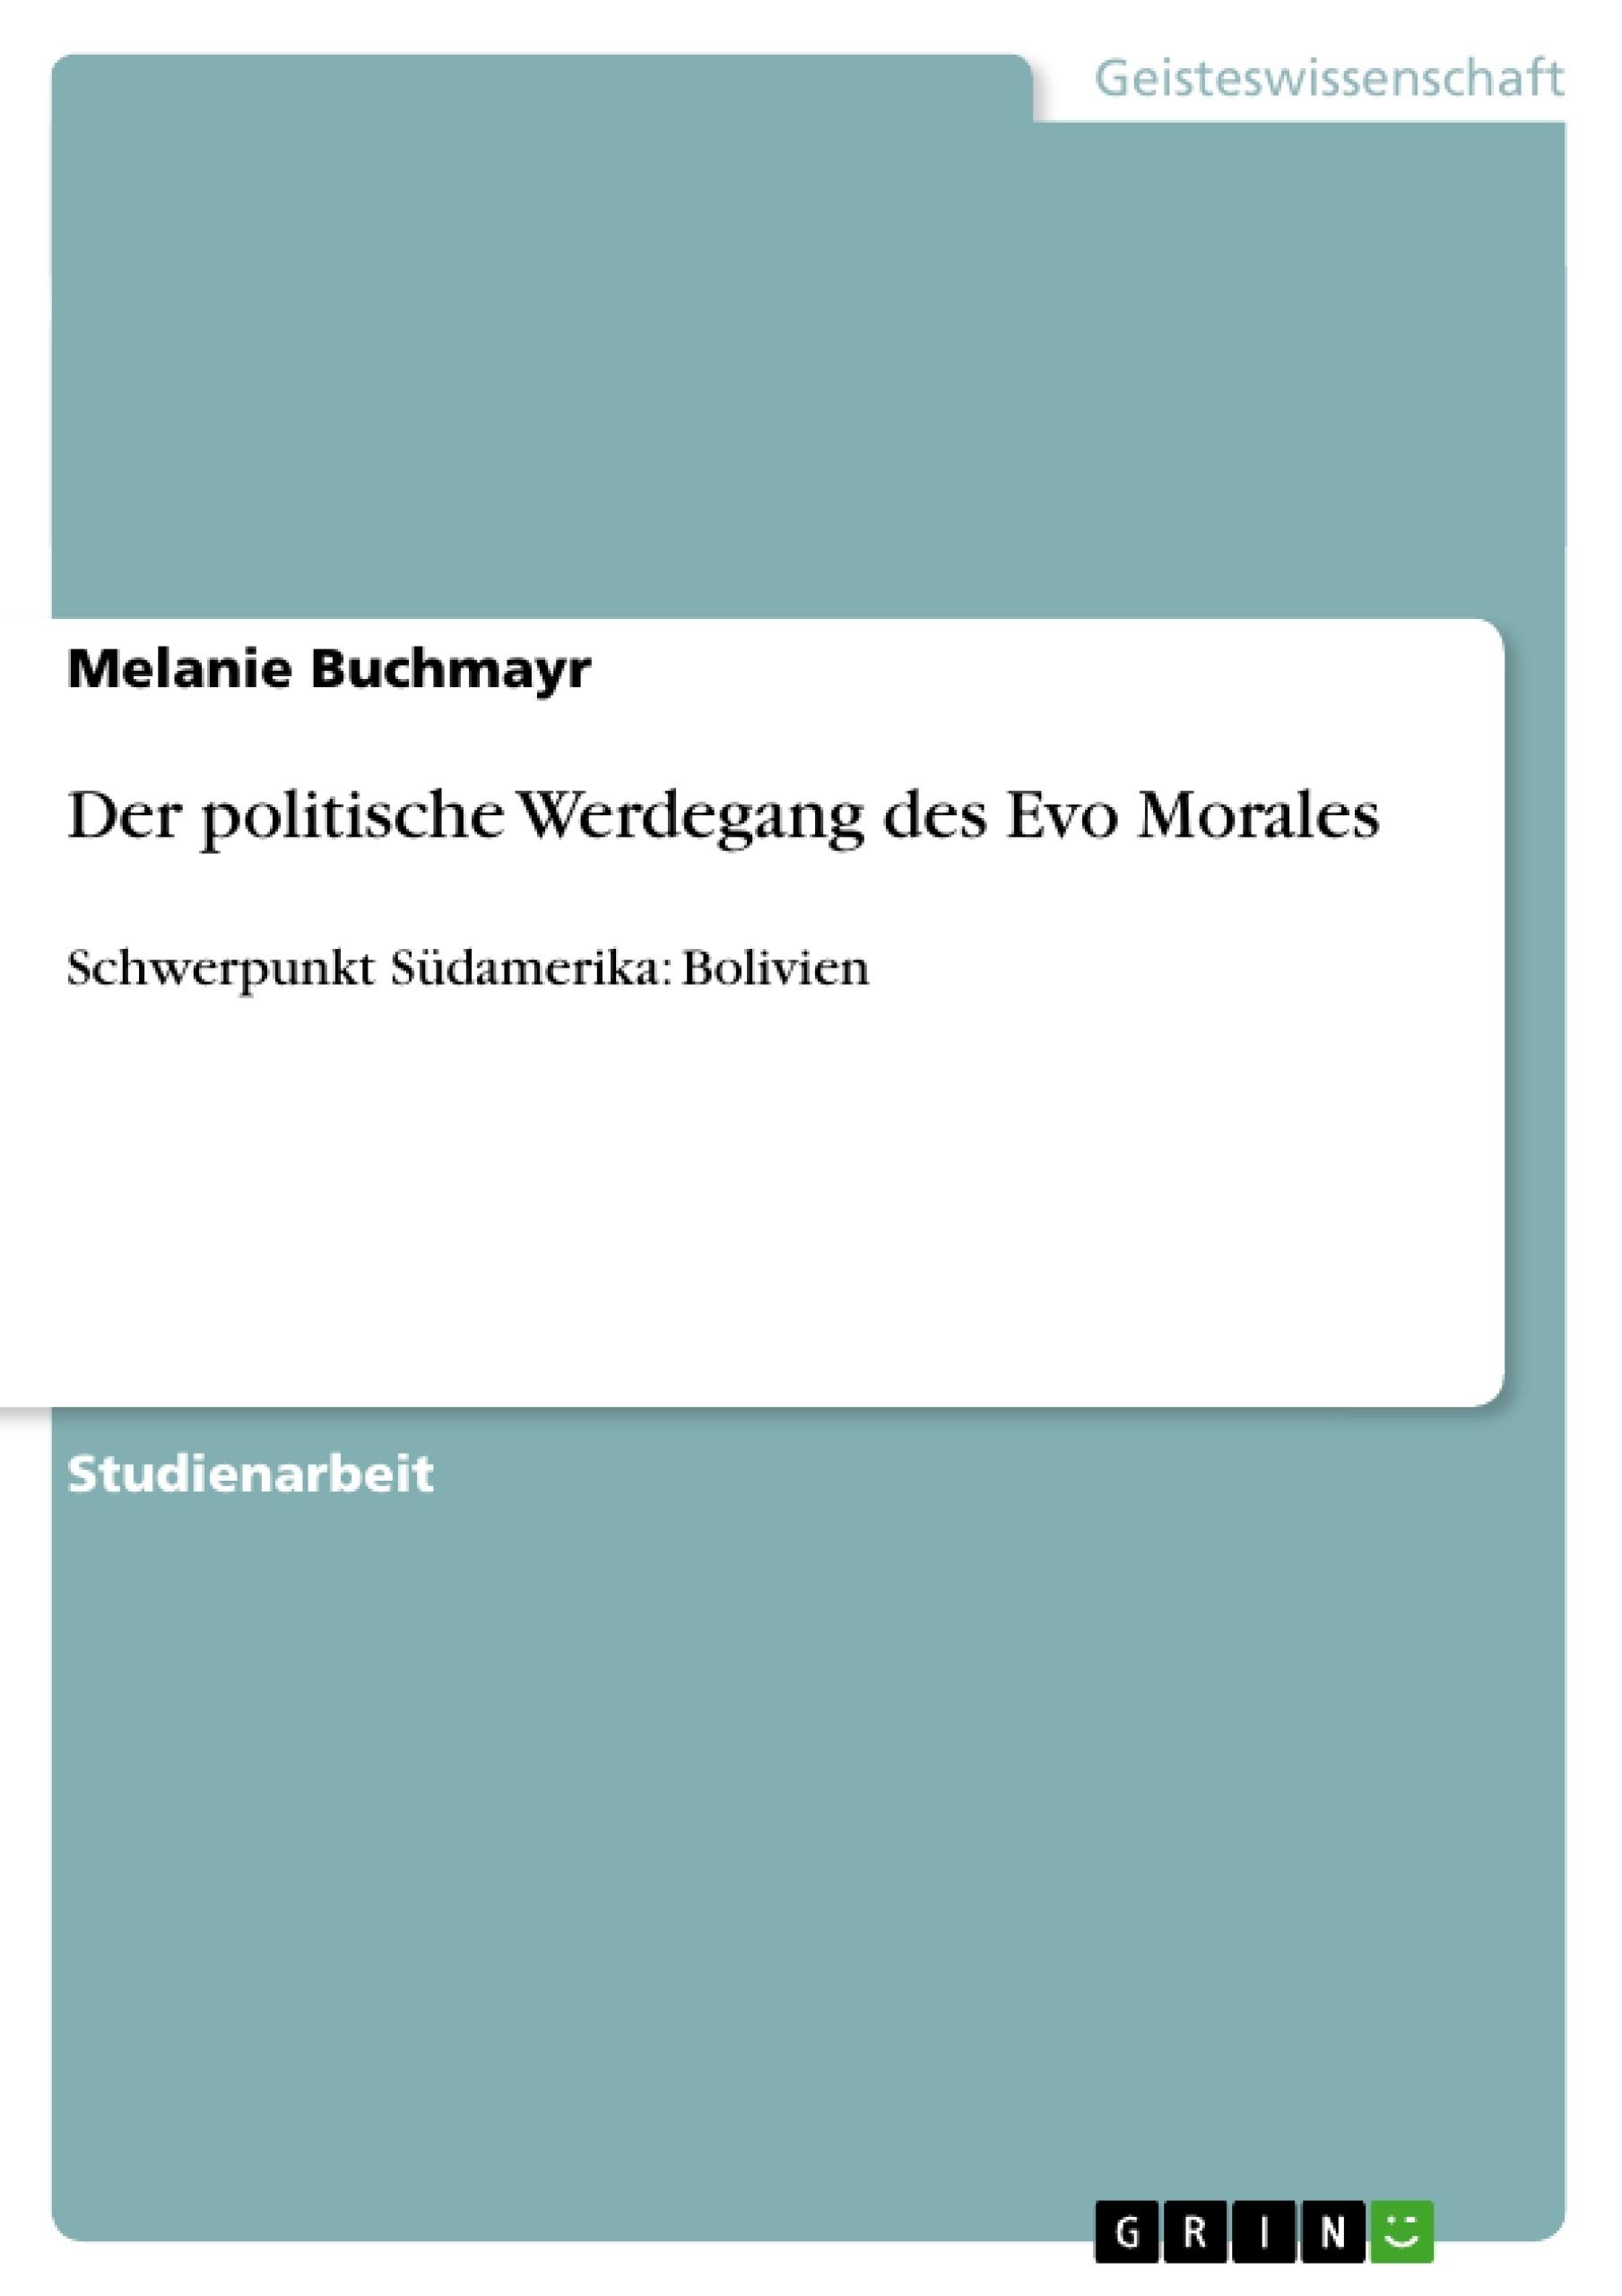 Titel: Der politische Werdegang des Evo Morales